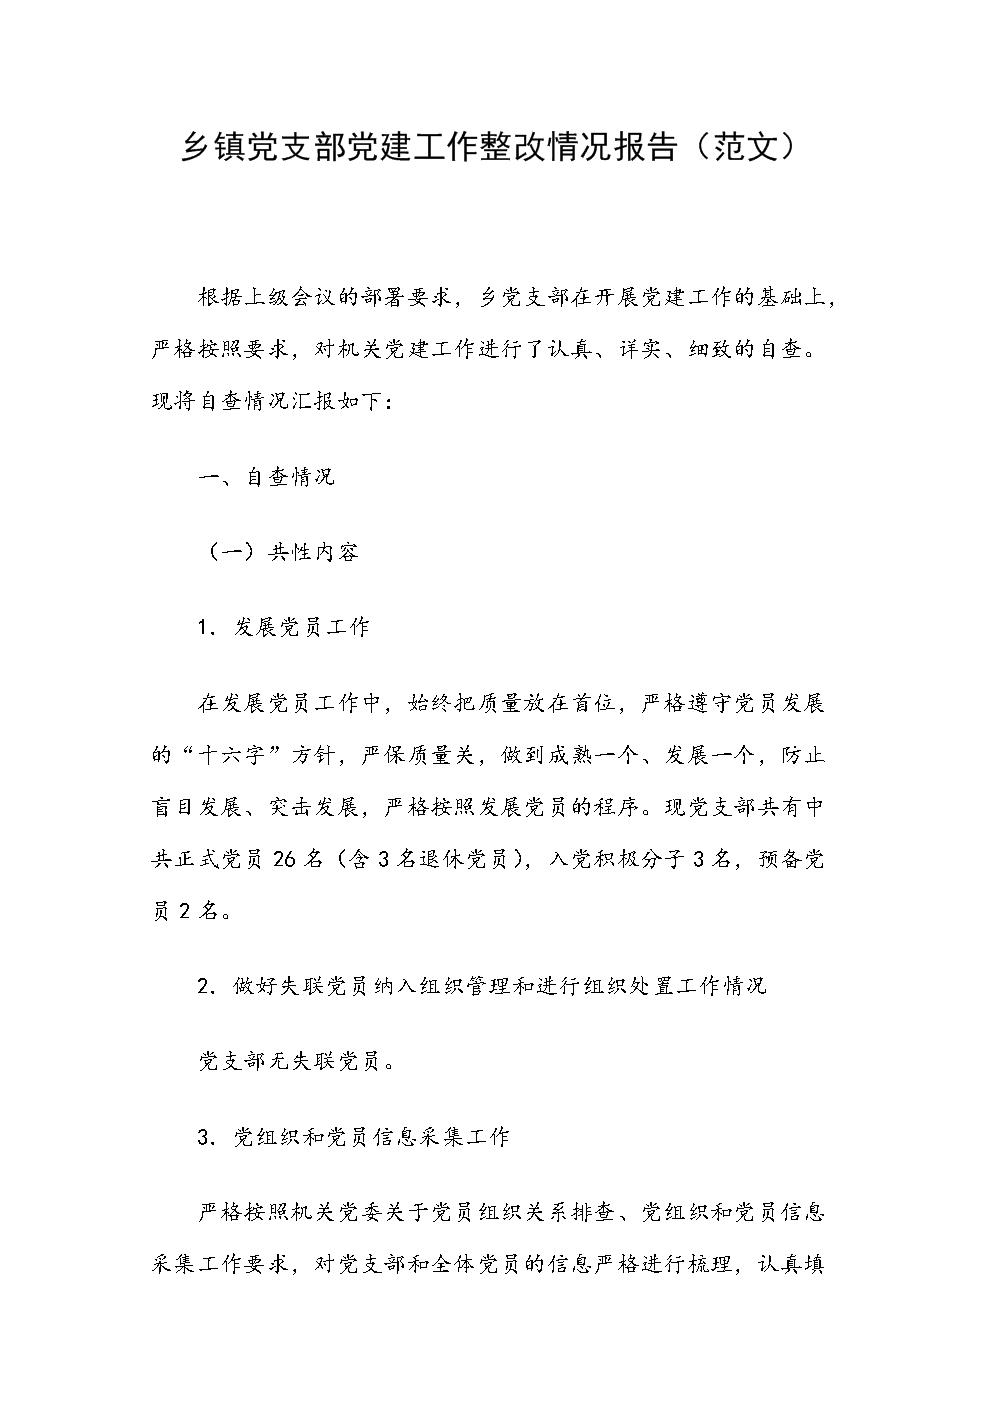 乡镇党支部党建工作整改情况报告(范文).docx